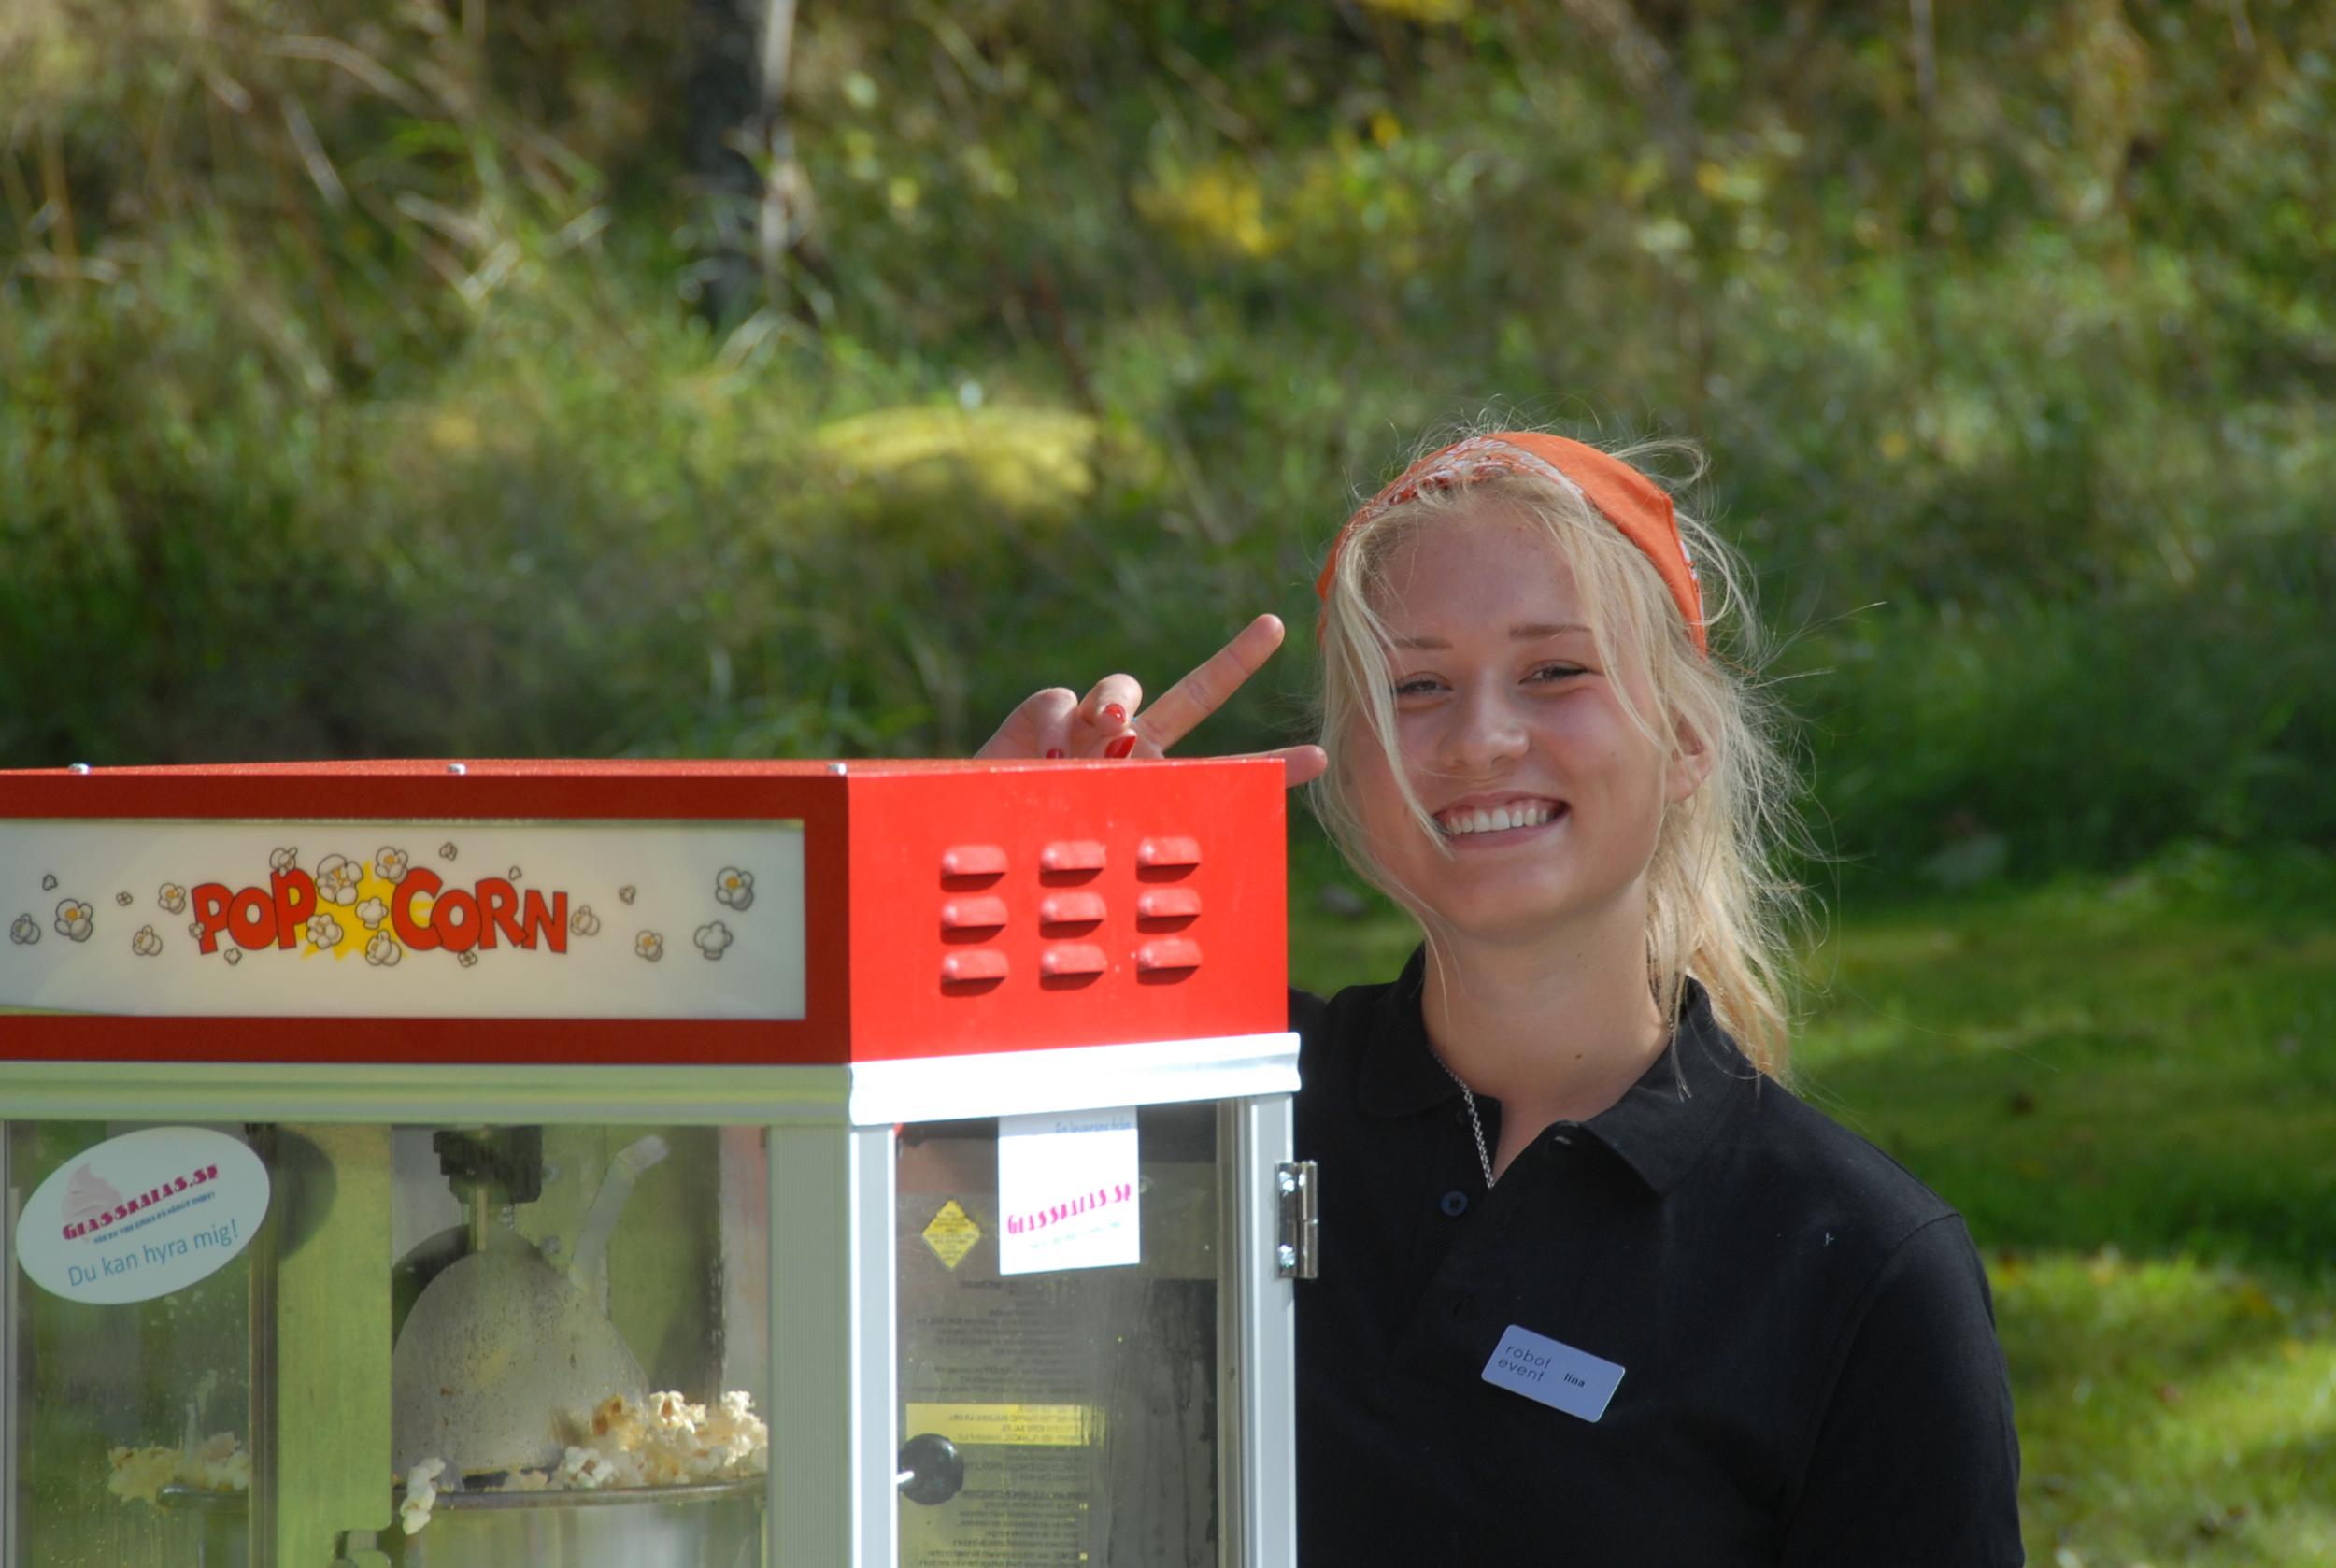 Lina och Popcornmaskinen.JPG